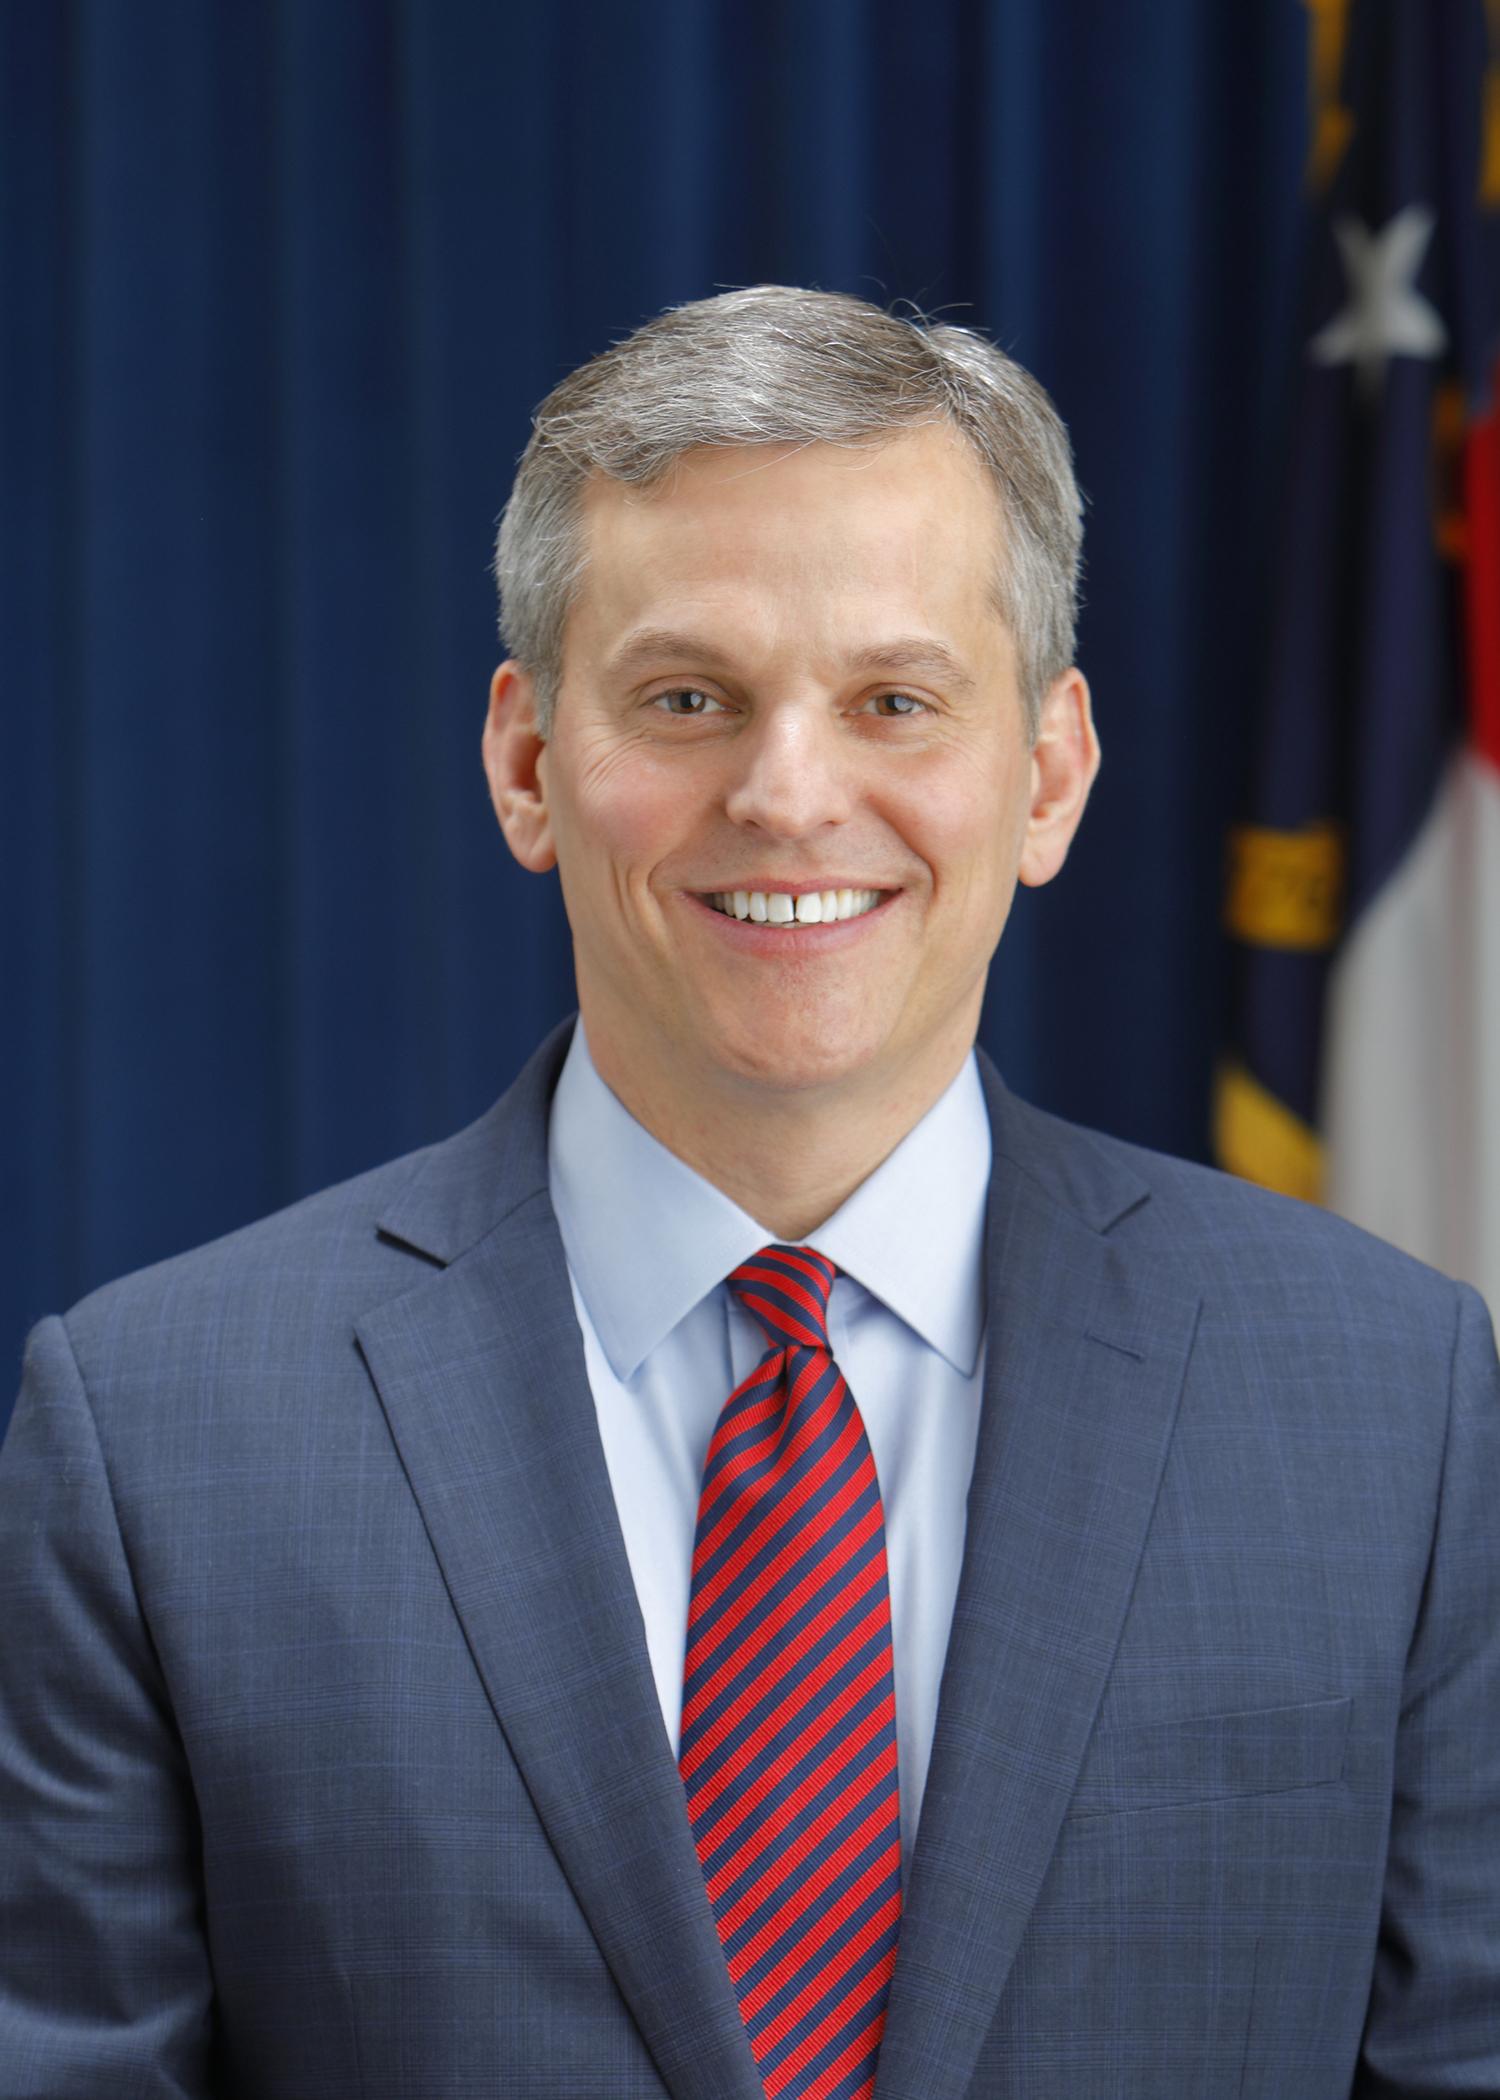 NC Attorney General Josh Stein